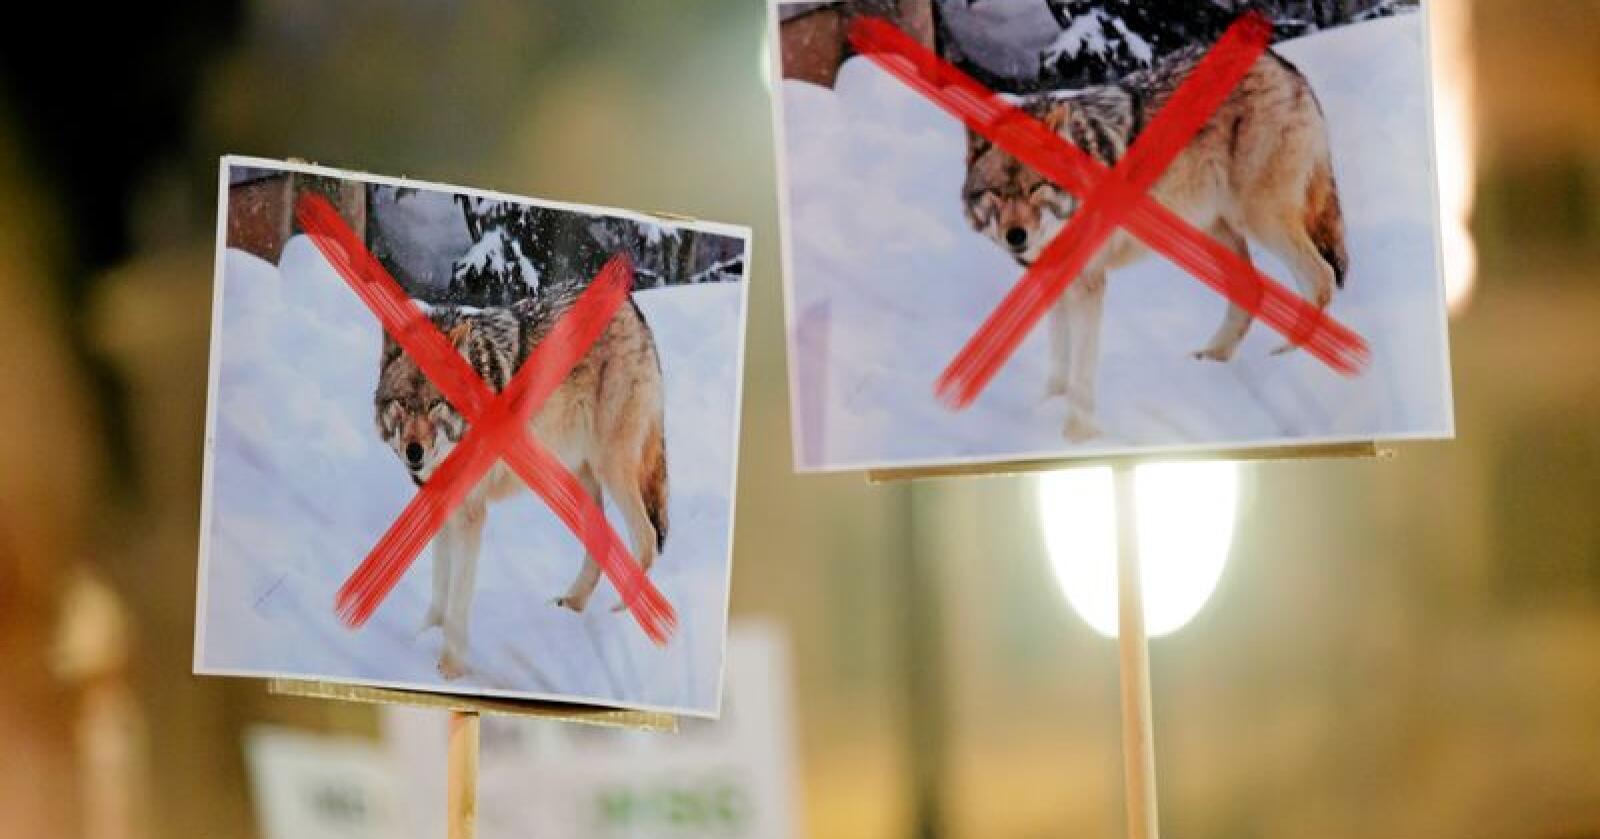 Ulven skaper engasjement. Foto: Cornelius Poppe / NTB Scanpix